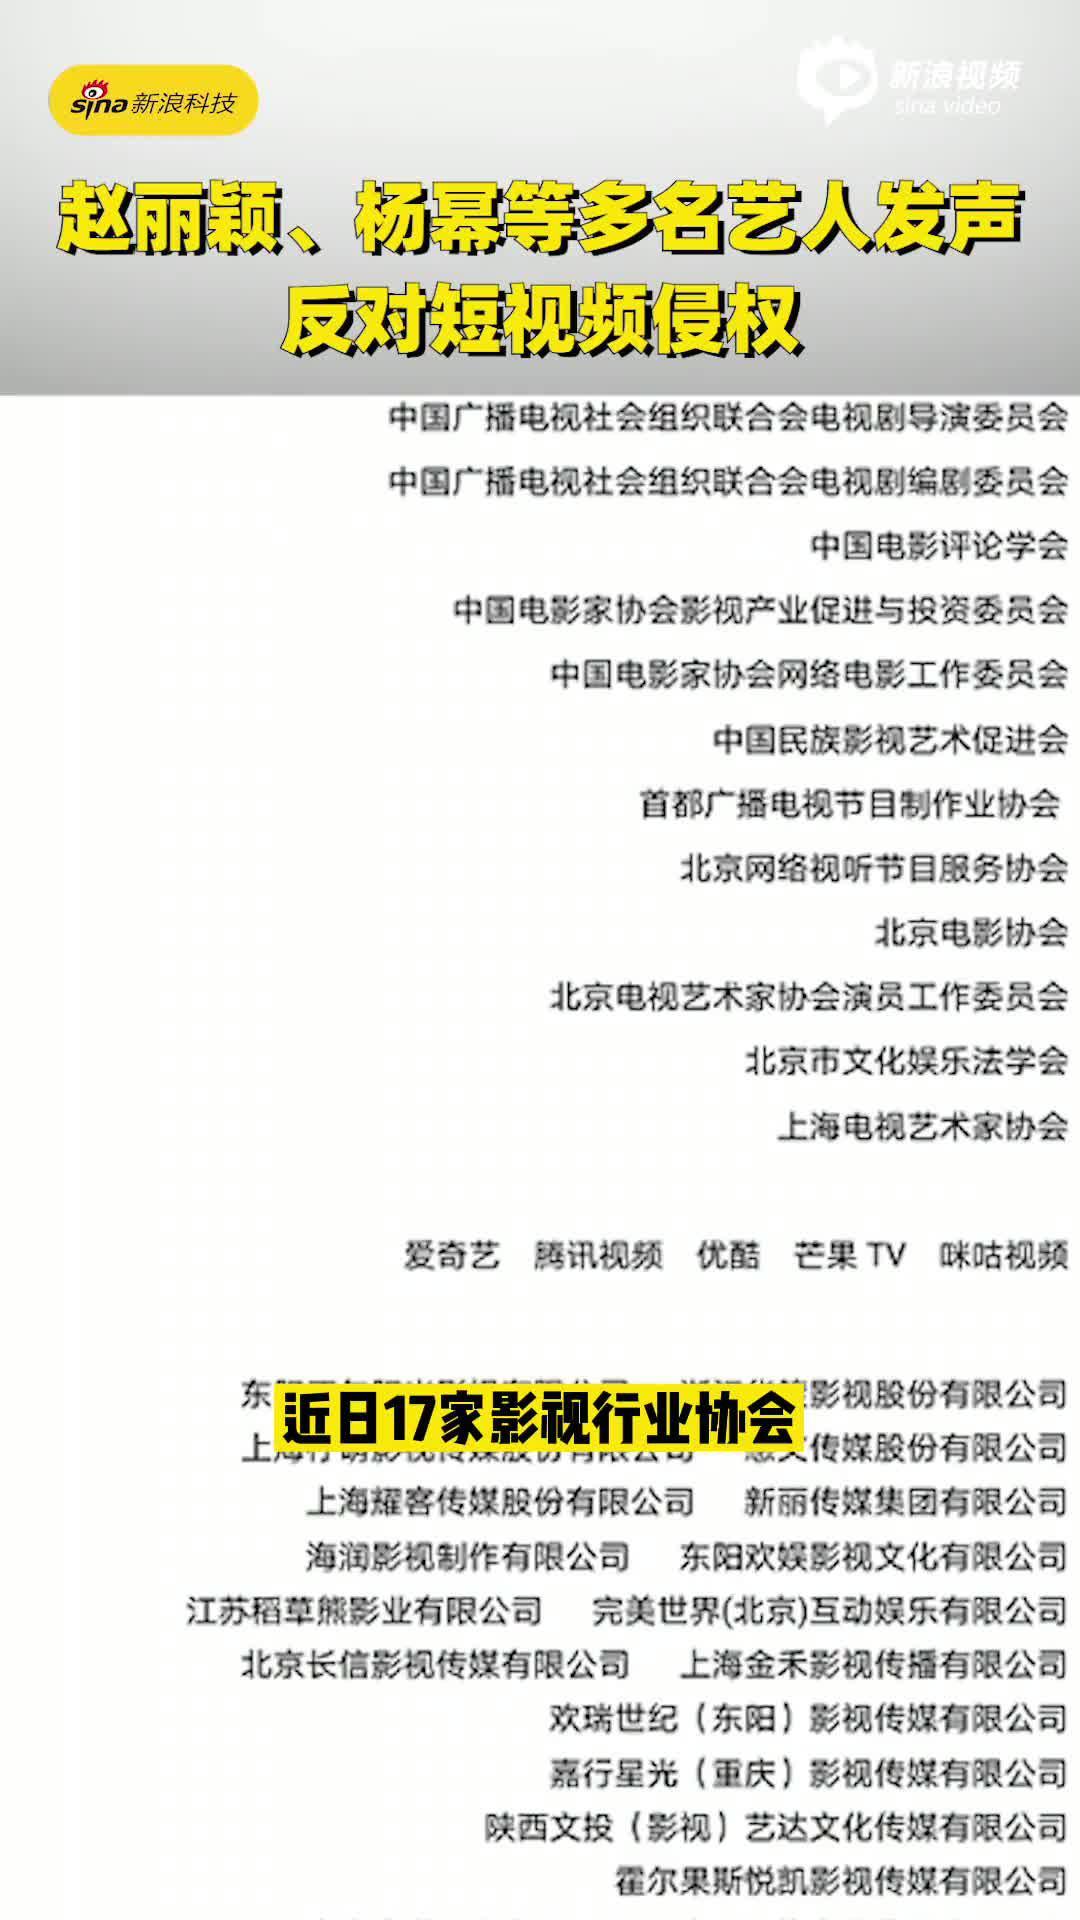 赵丽颖、杨幂等500余名艺人发声,反对短视频侵权